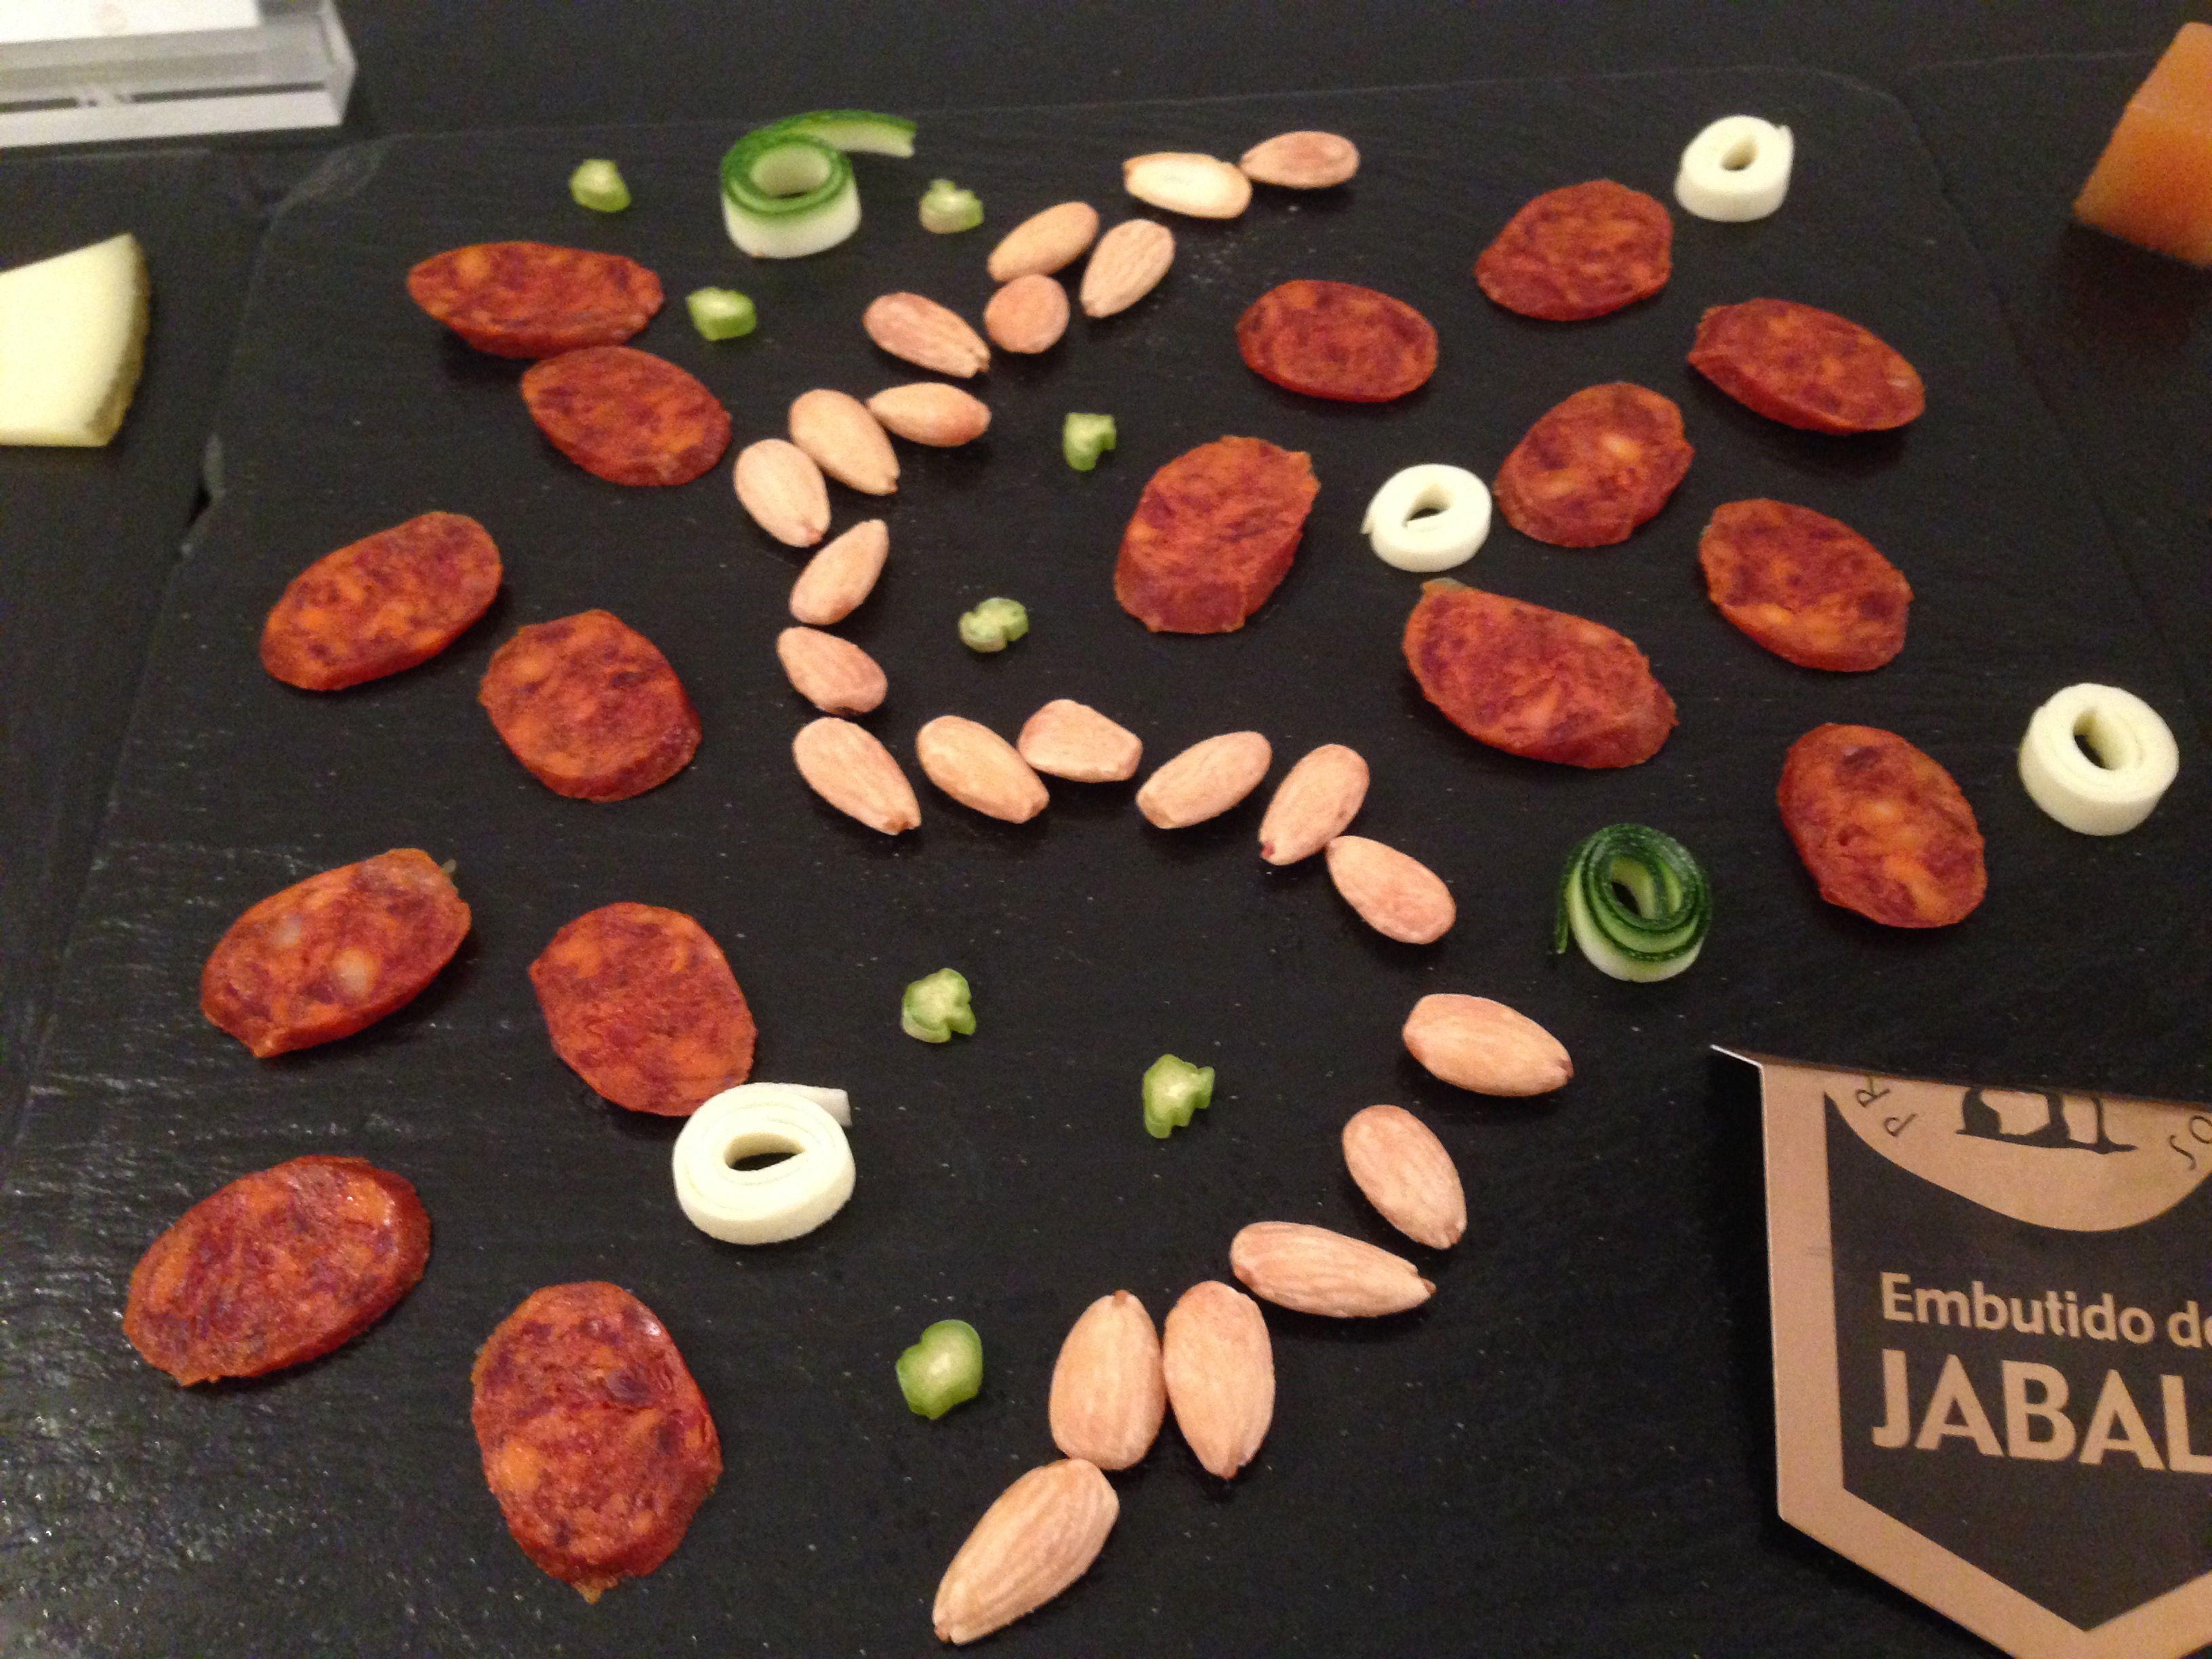 Chorizo De Jabalí En Buffete Alimentos Platos Tapas